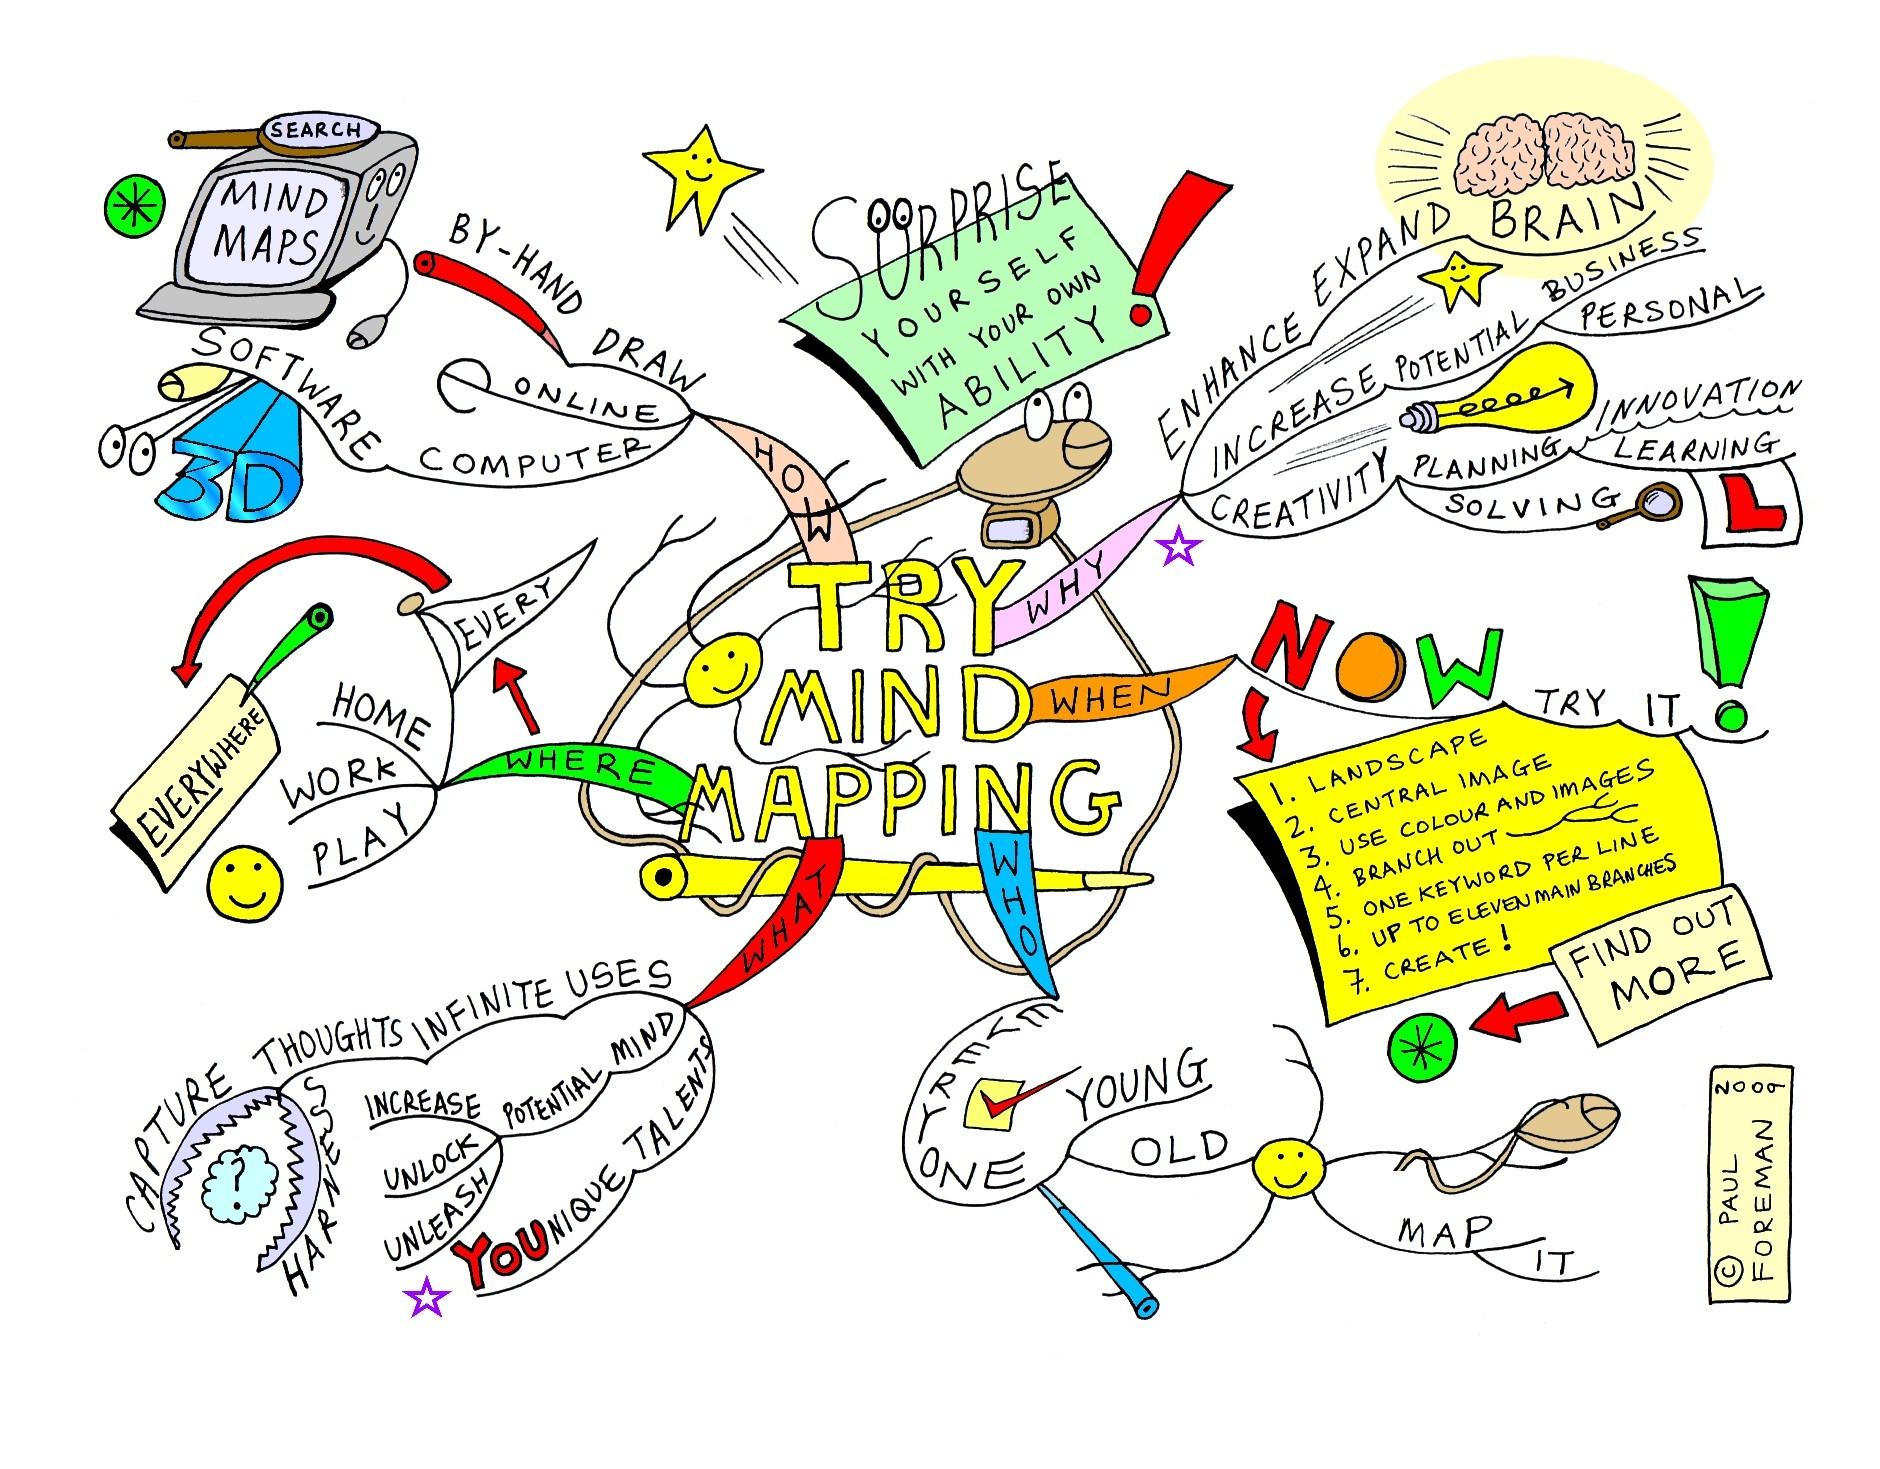 wisch ideenfindung anhand von mind mapping